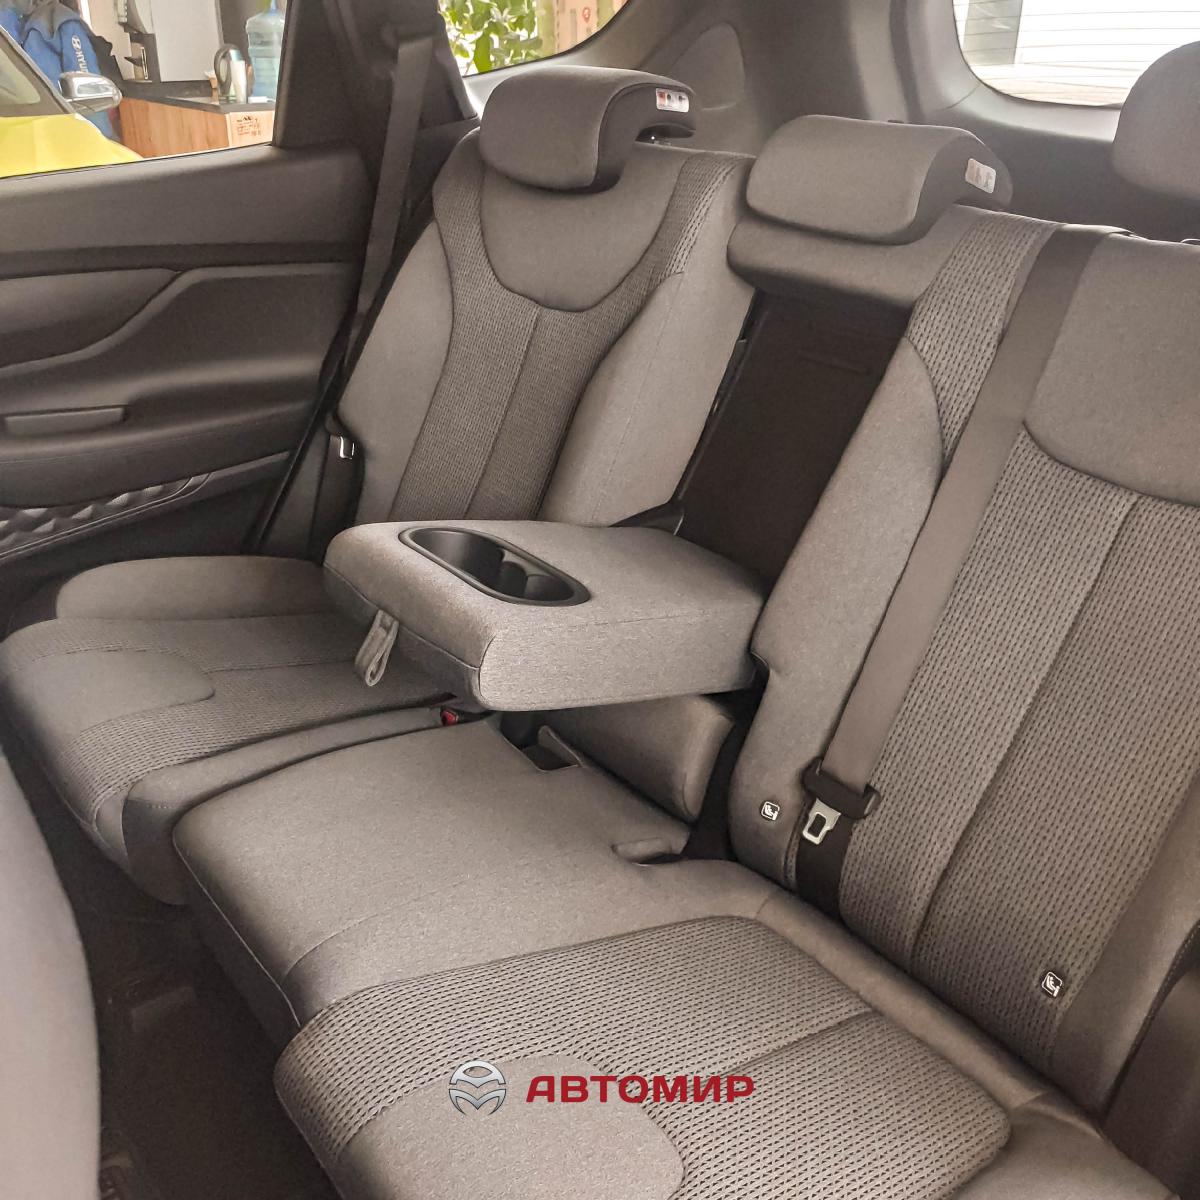 Теплі функції автомобілів Hyundai | Богдан-Авто Кіровоград - фото 9